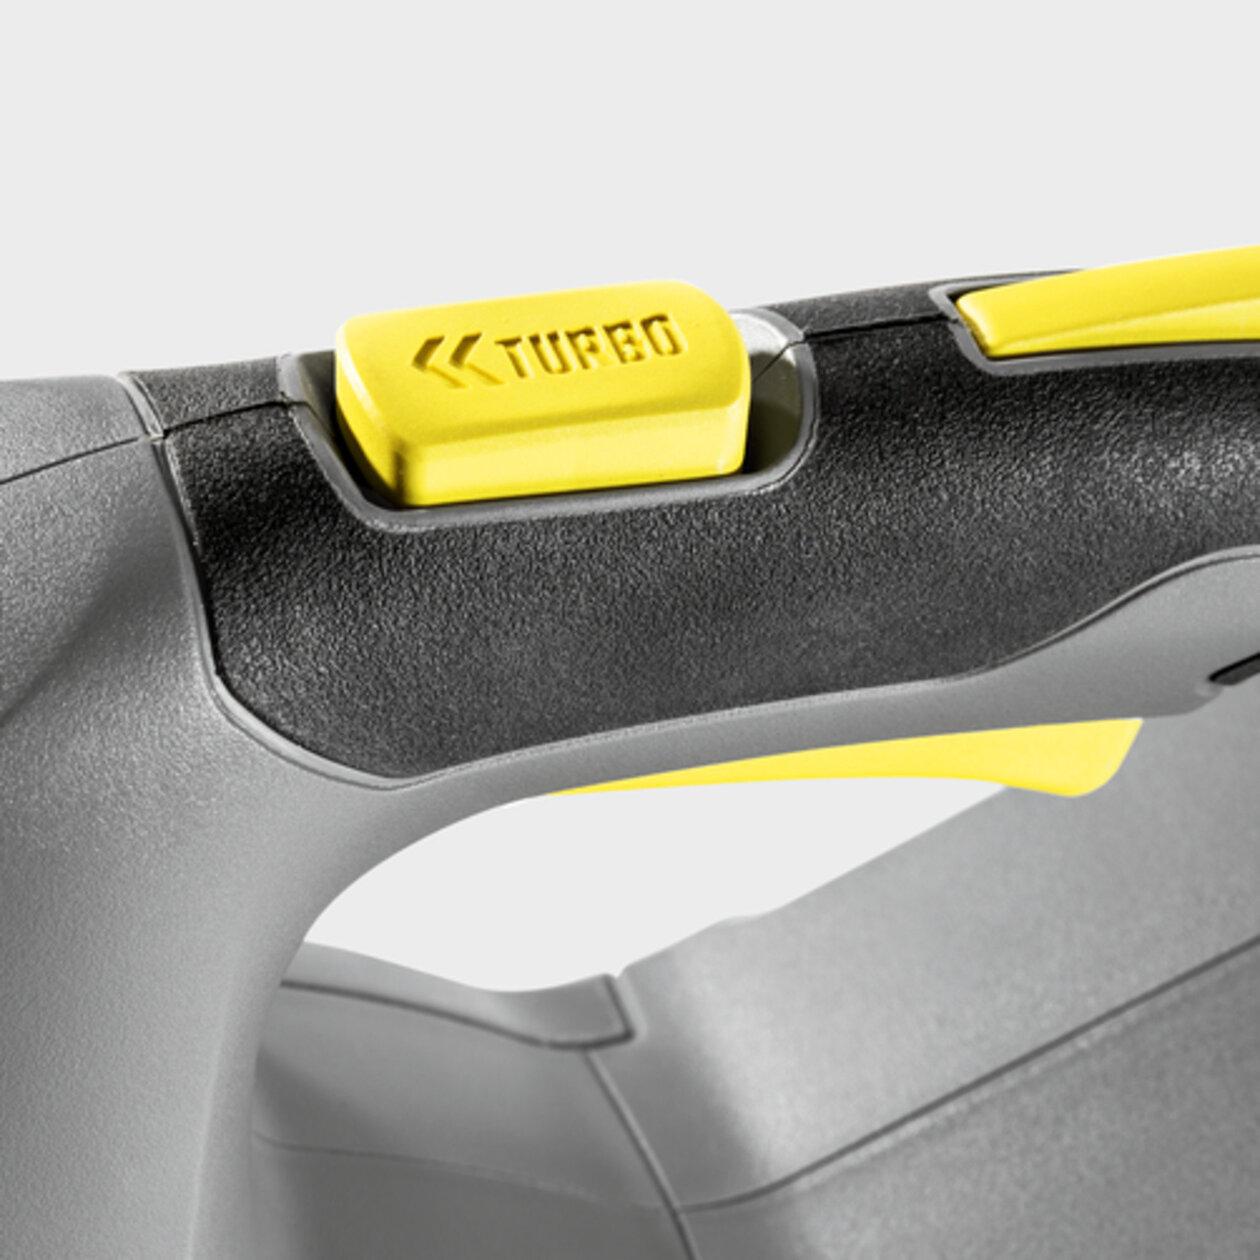 KAERCHER LB 850 Bp: Кнопка Turbo для короткочасного збільшення продуктивності